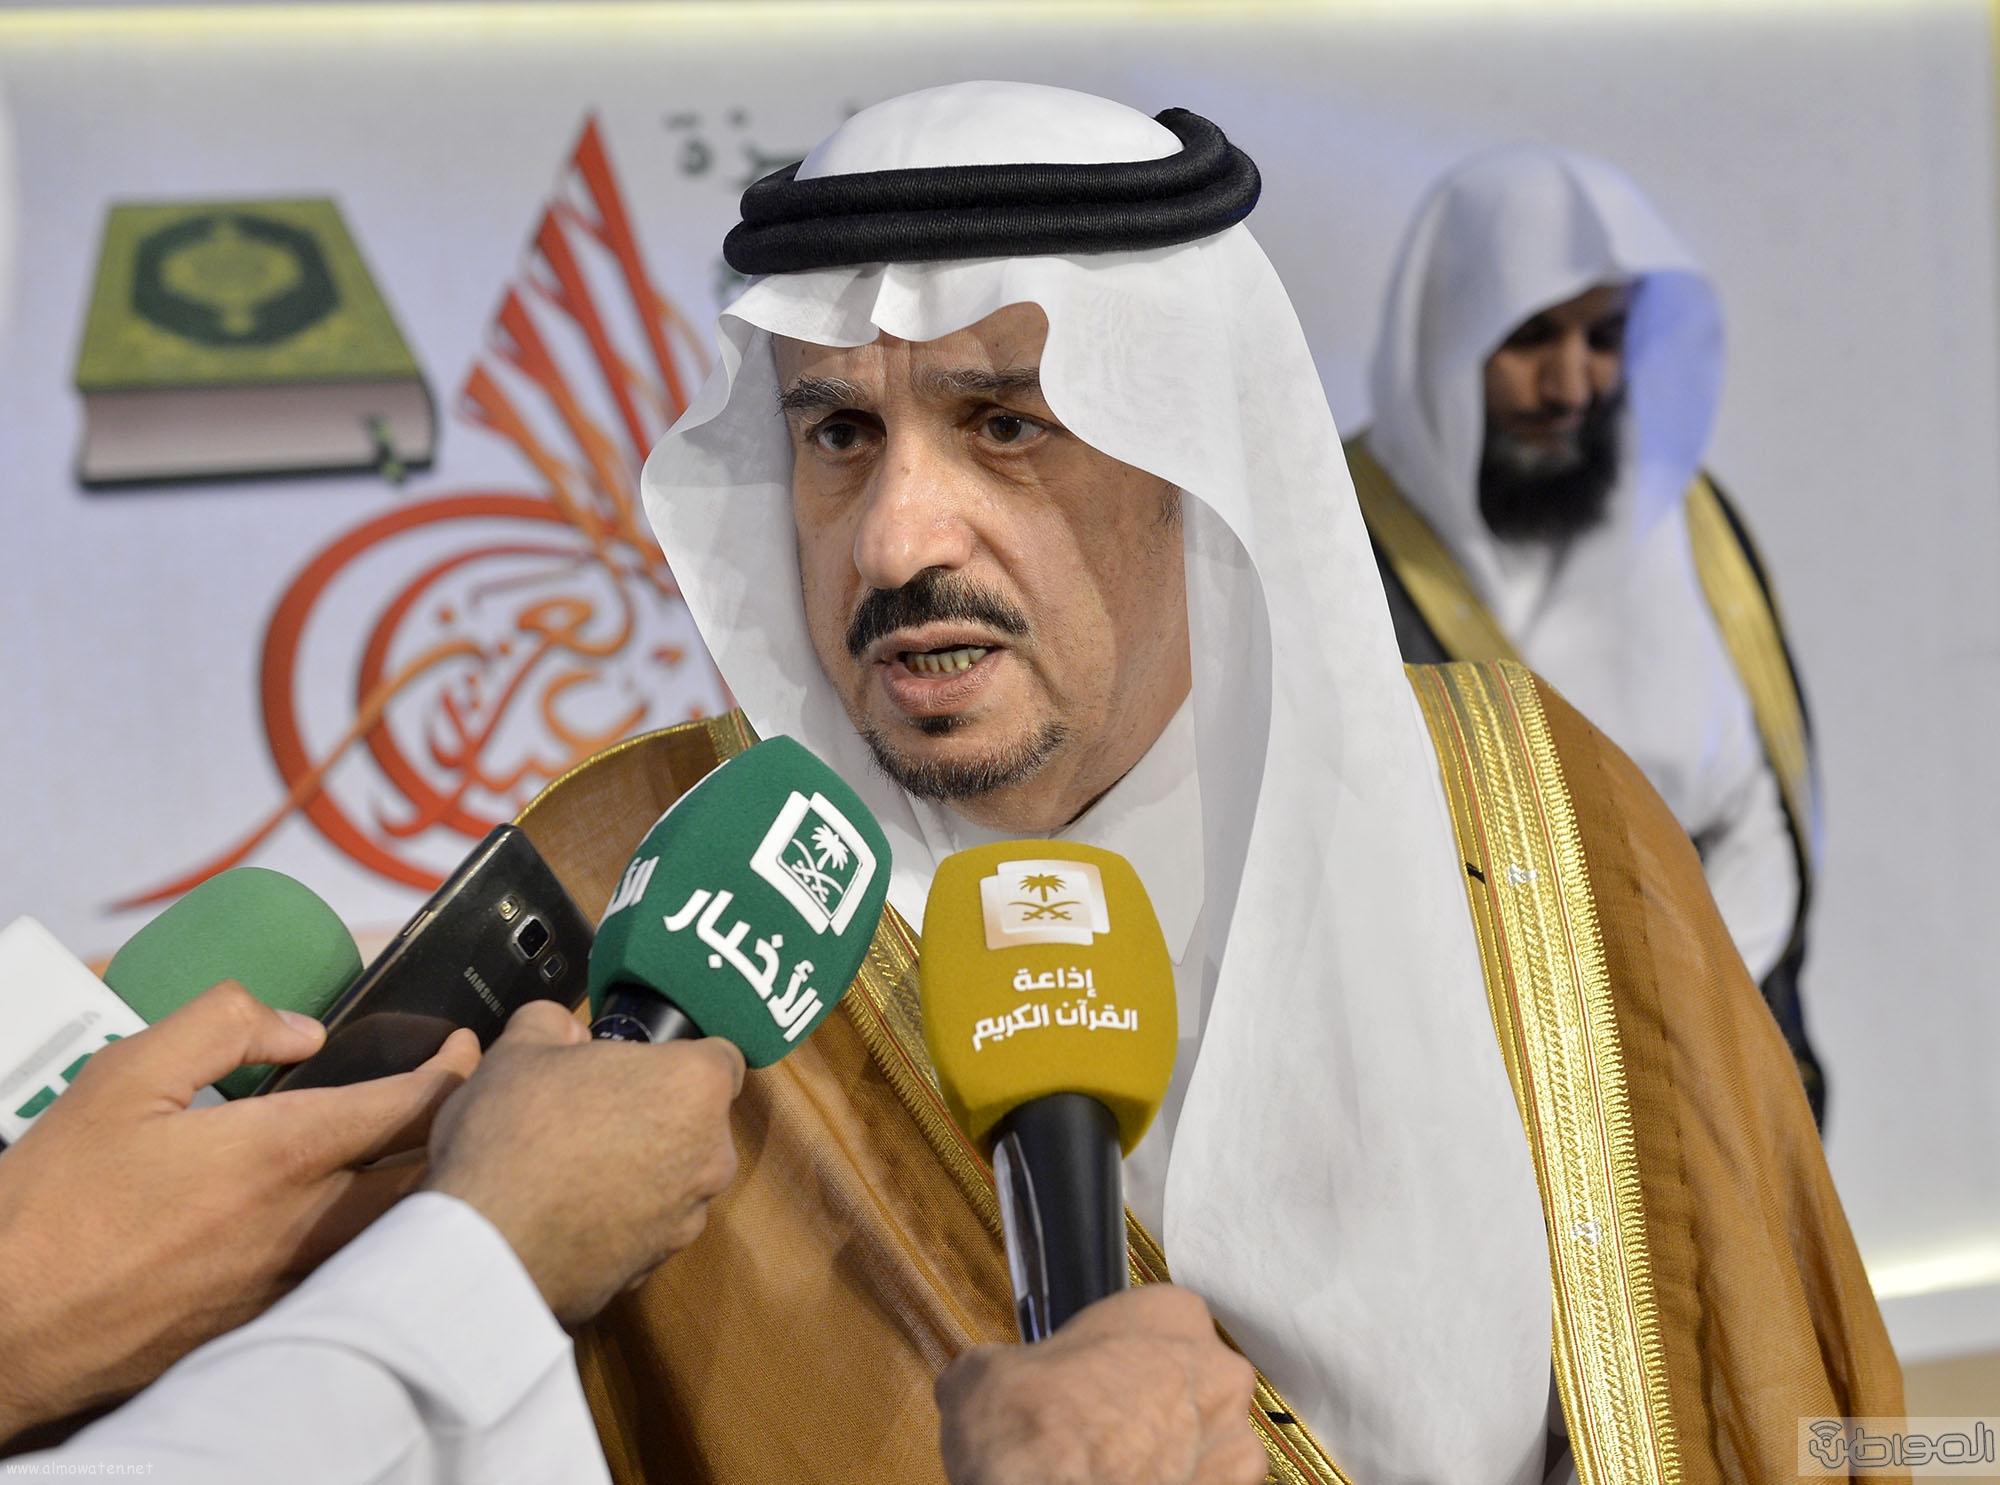 امير منطقة الرياض يرعى حفل اختتام مسابقة جائزة الملك سلمان لحفظ القران الكريم (28)